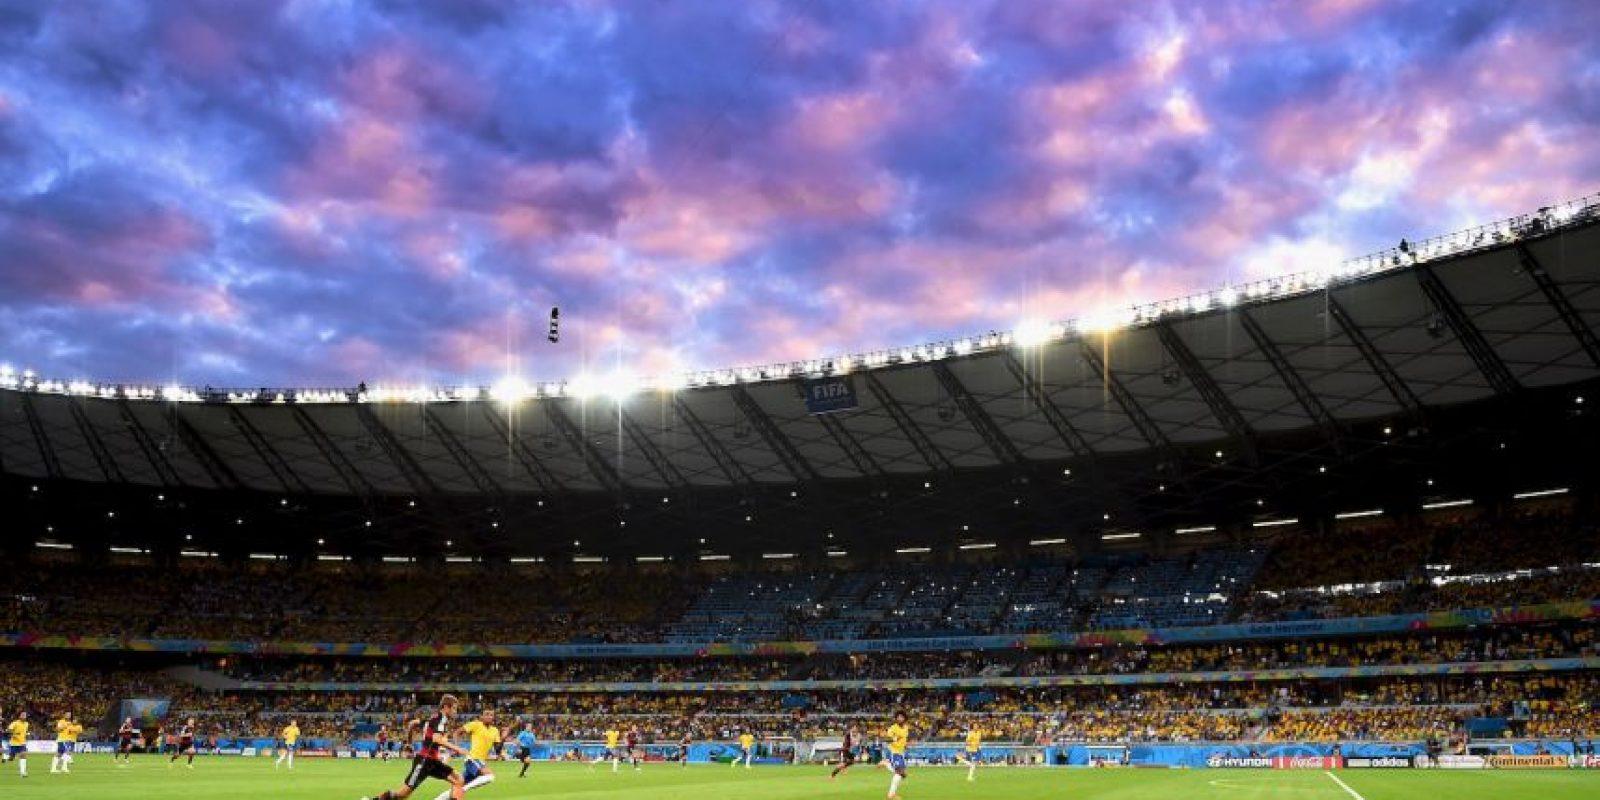 Este recinto albergó una de las semifinales de la Copa del Mundo de Brasil 2014, la cual disputaron el equipo local y Alemania. Foto:Getty Images